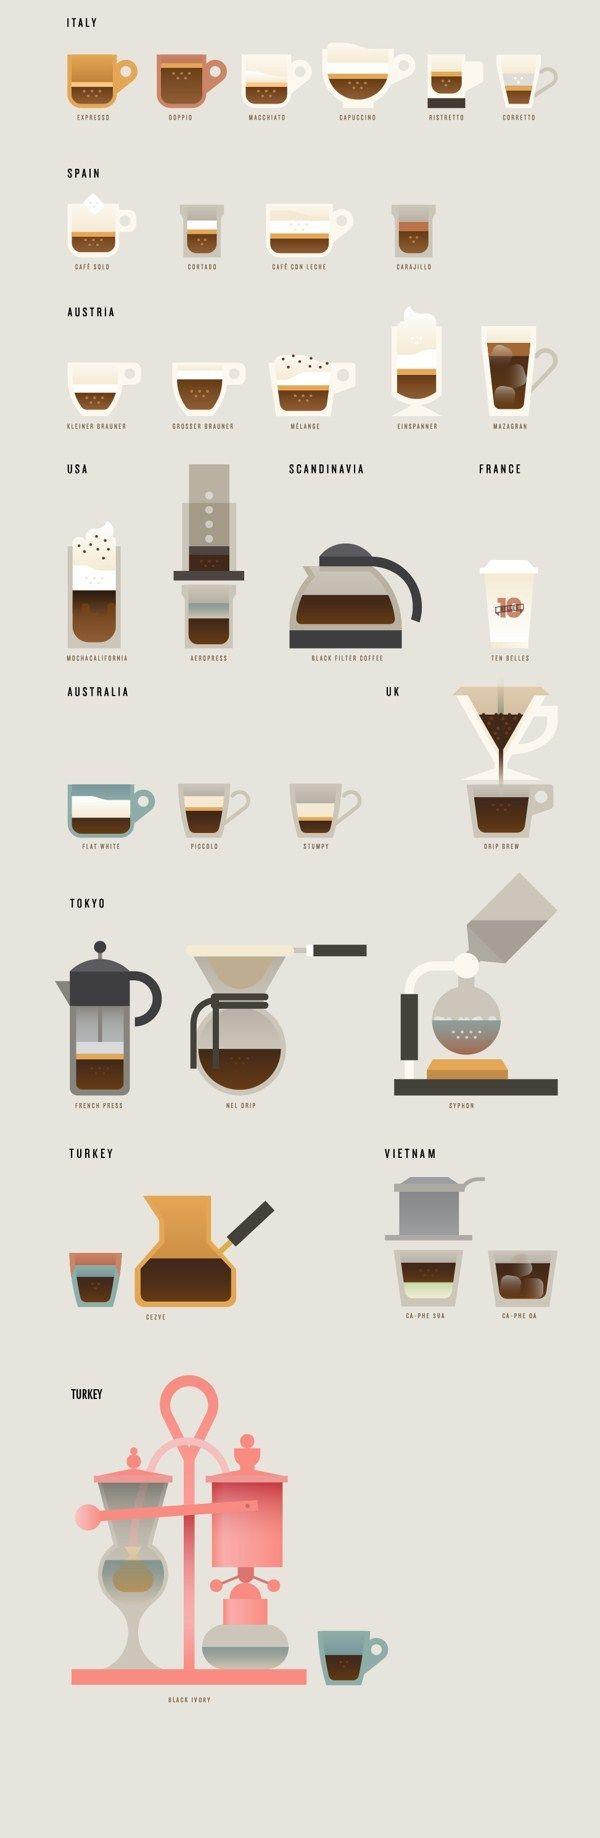 TIPI DI CAFFE' | È semplicissima: quando si clicca su un Paese la mappa mostra una ...